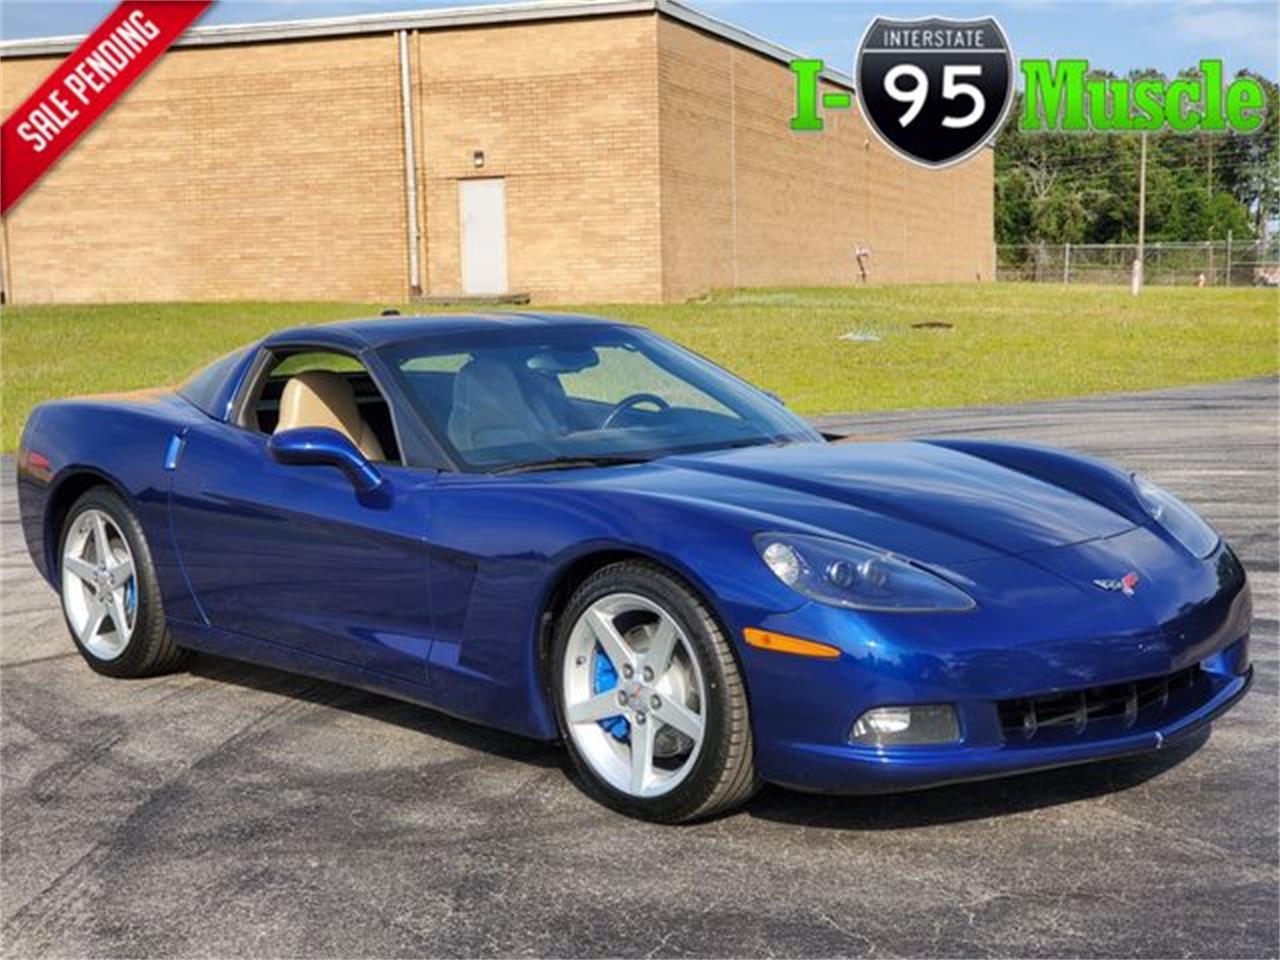 2005 Corvette For Sale >> 2005 Chevrolet Corvette For Sale Classiccars Com Cc 1218516